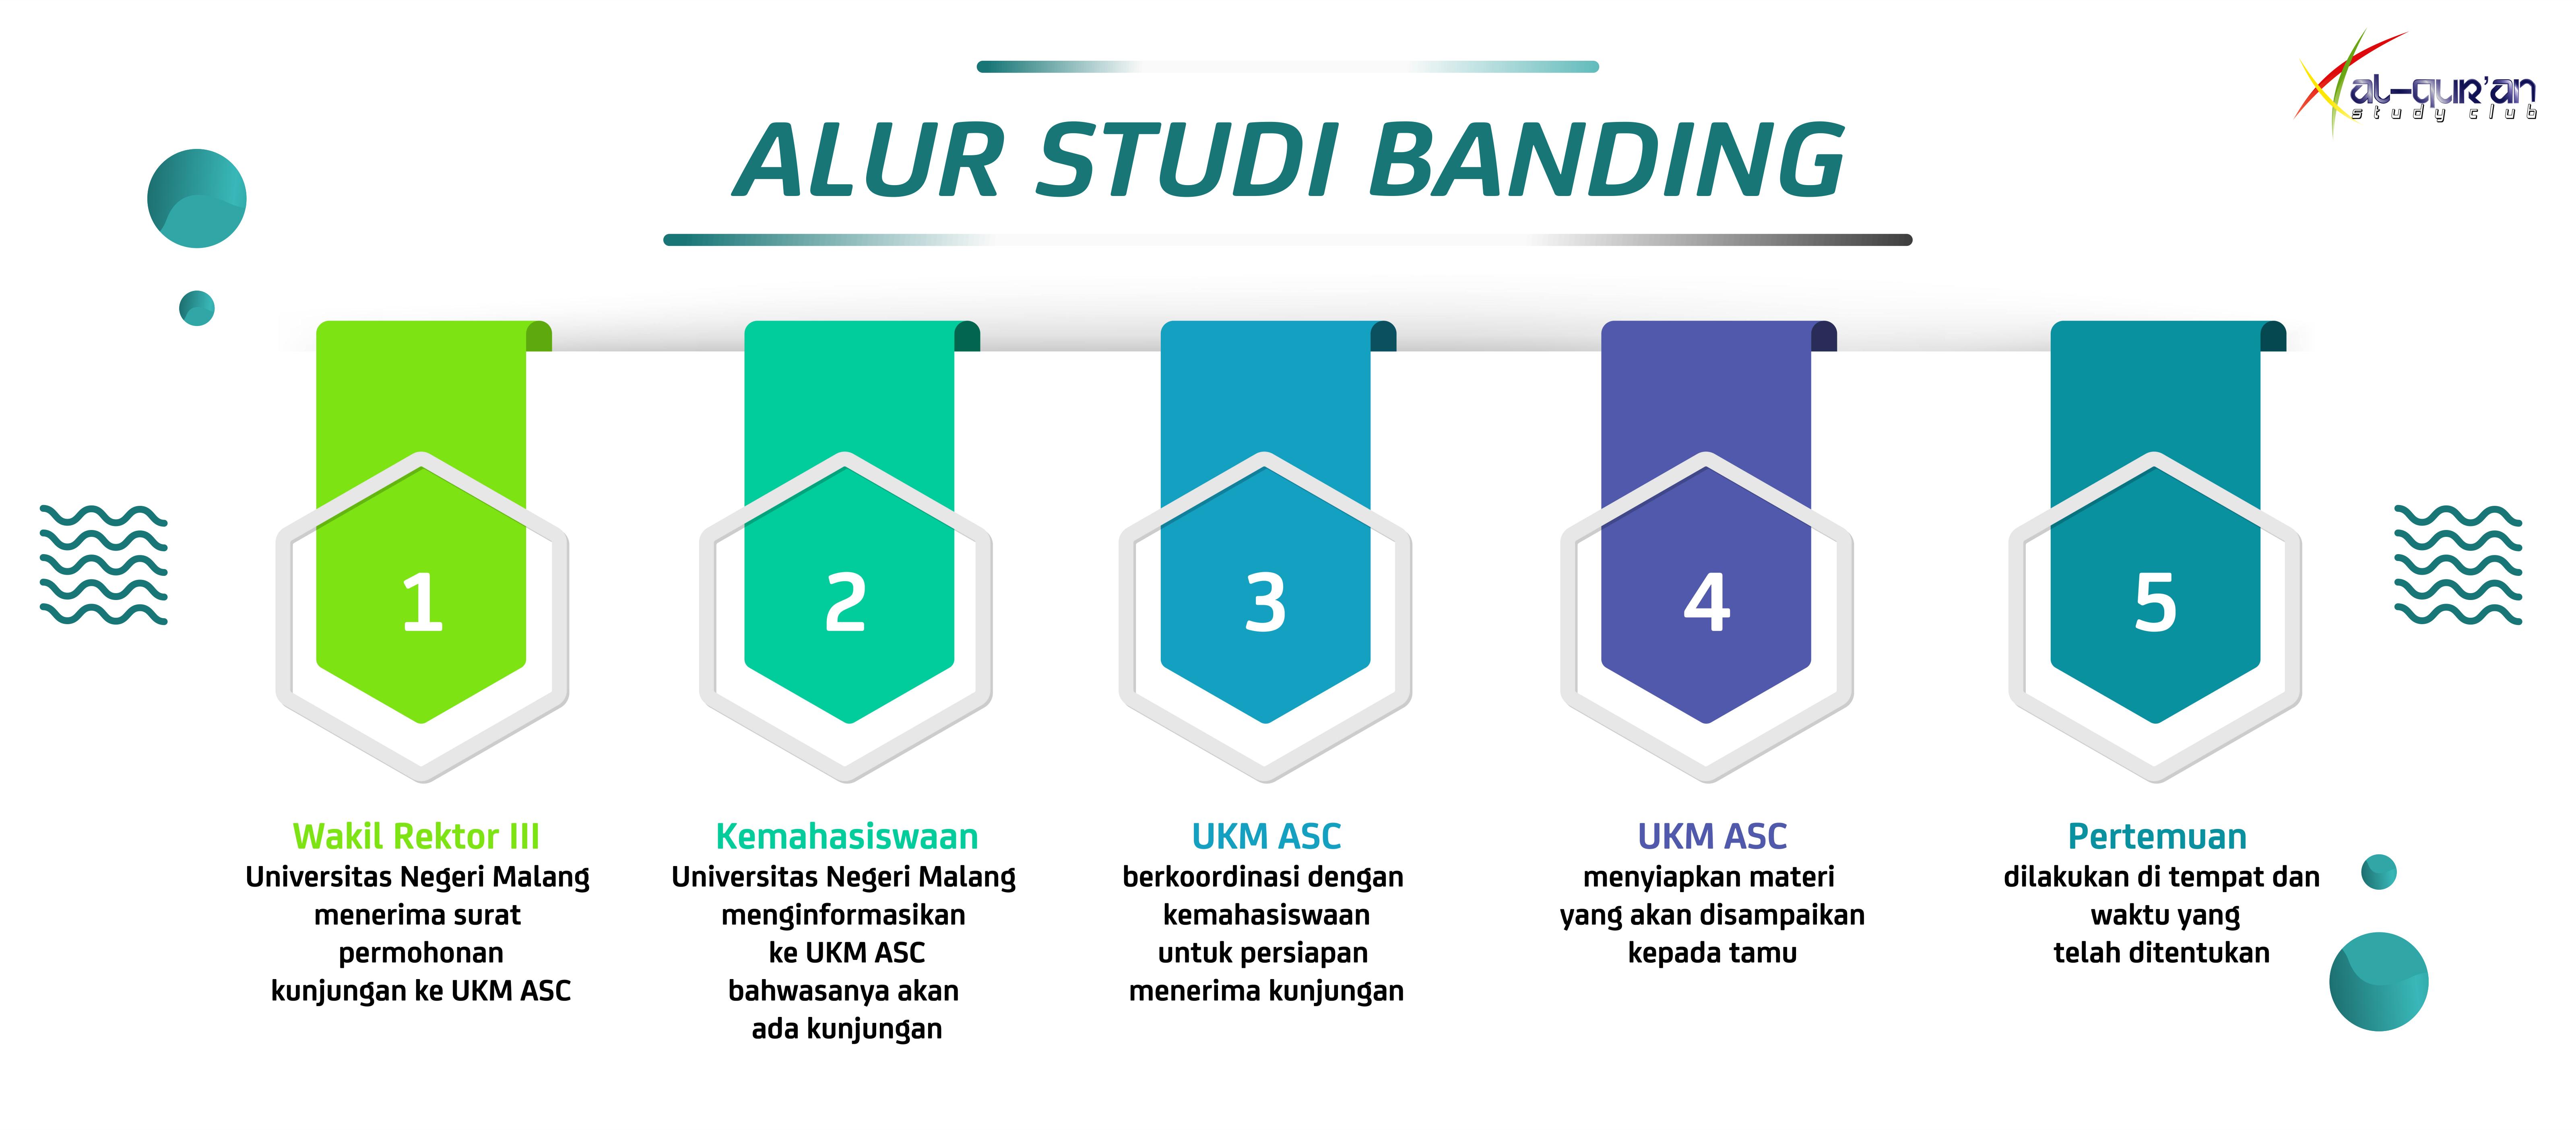 Alur Studi Banding